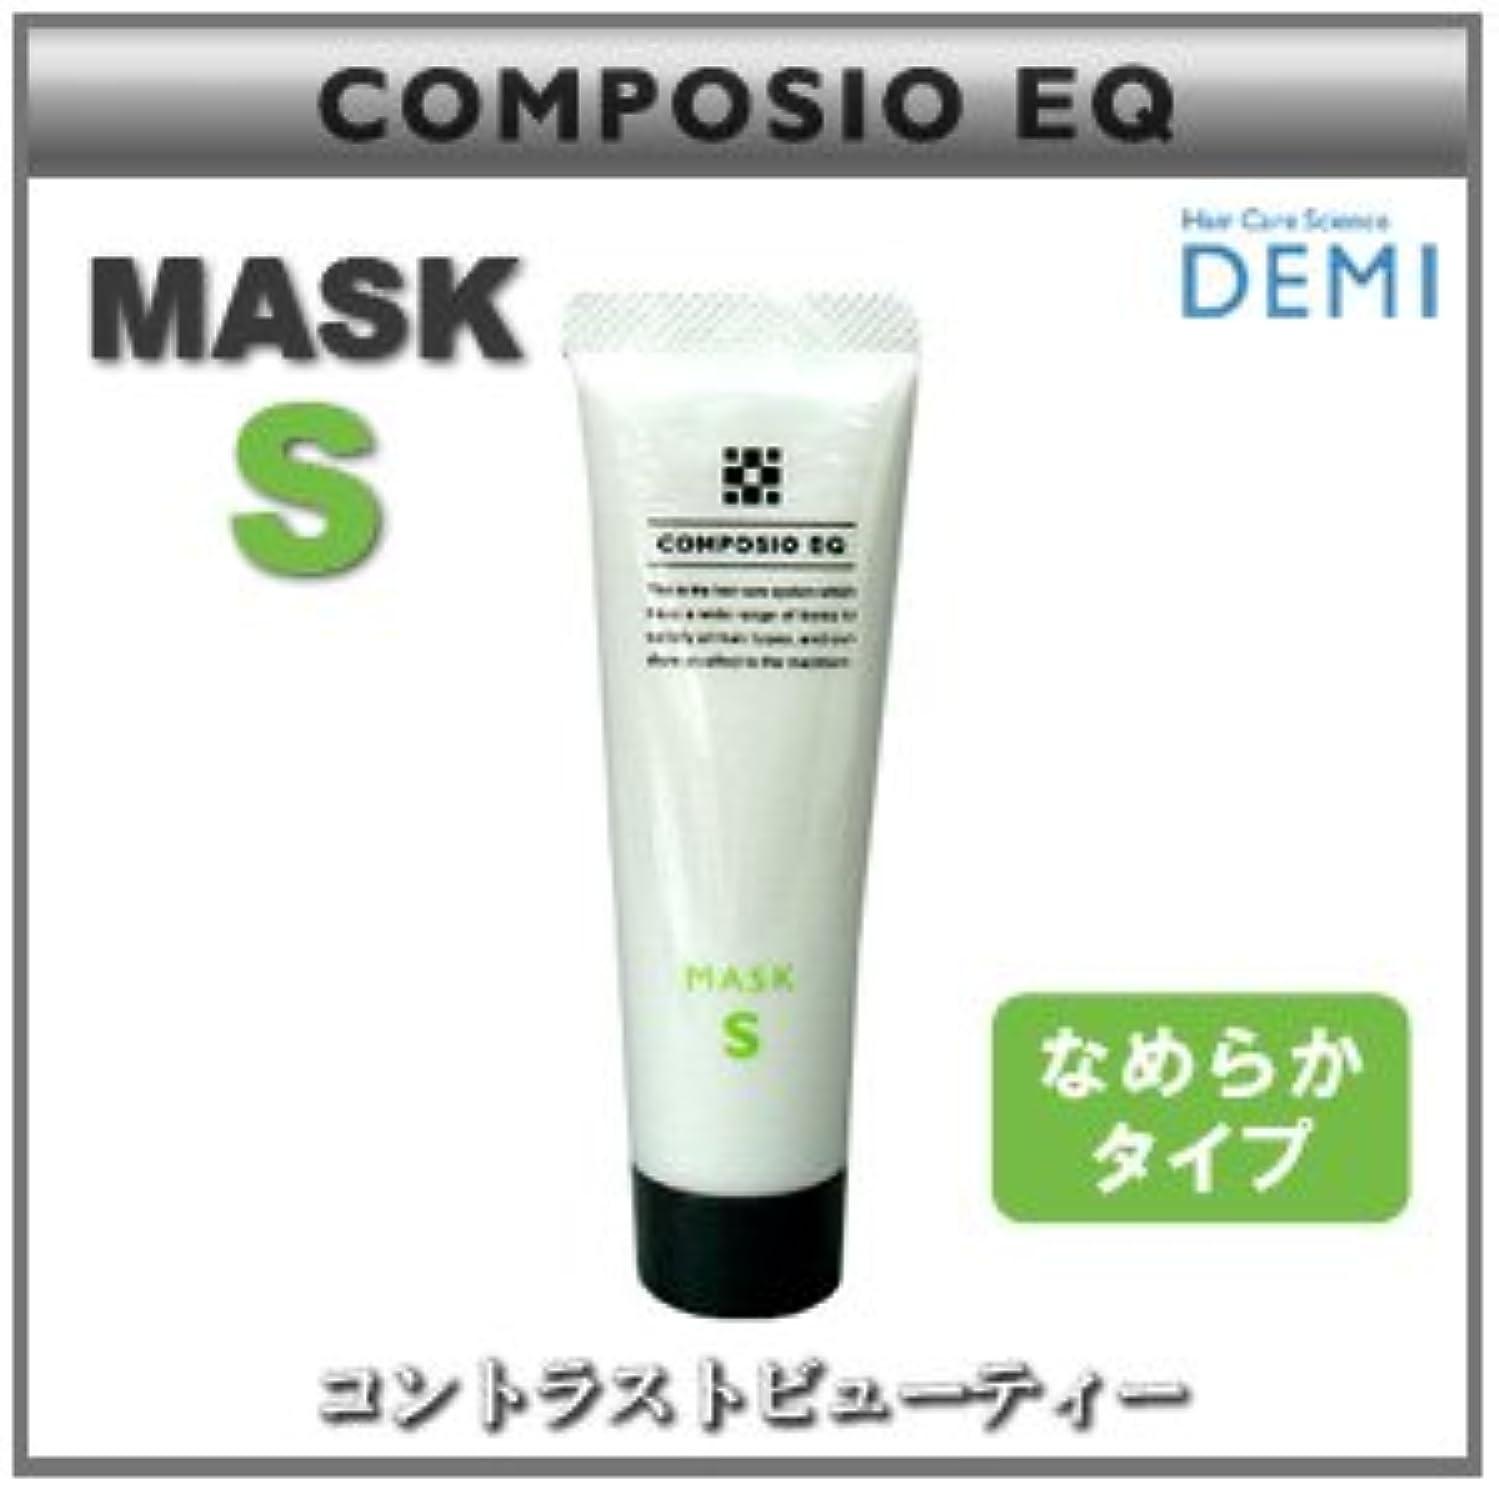 対話補助金また【X2個セット】 デミ コンポジオ EQ マスク S 50g